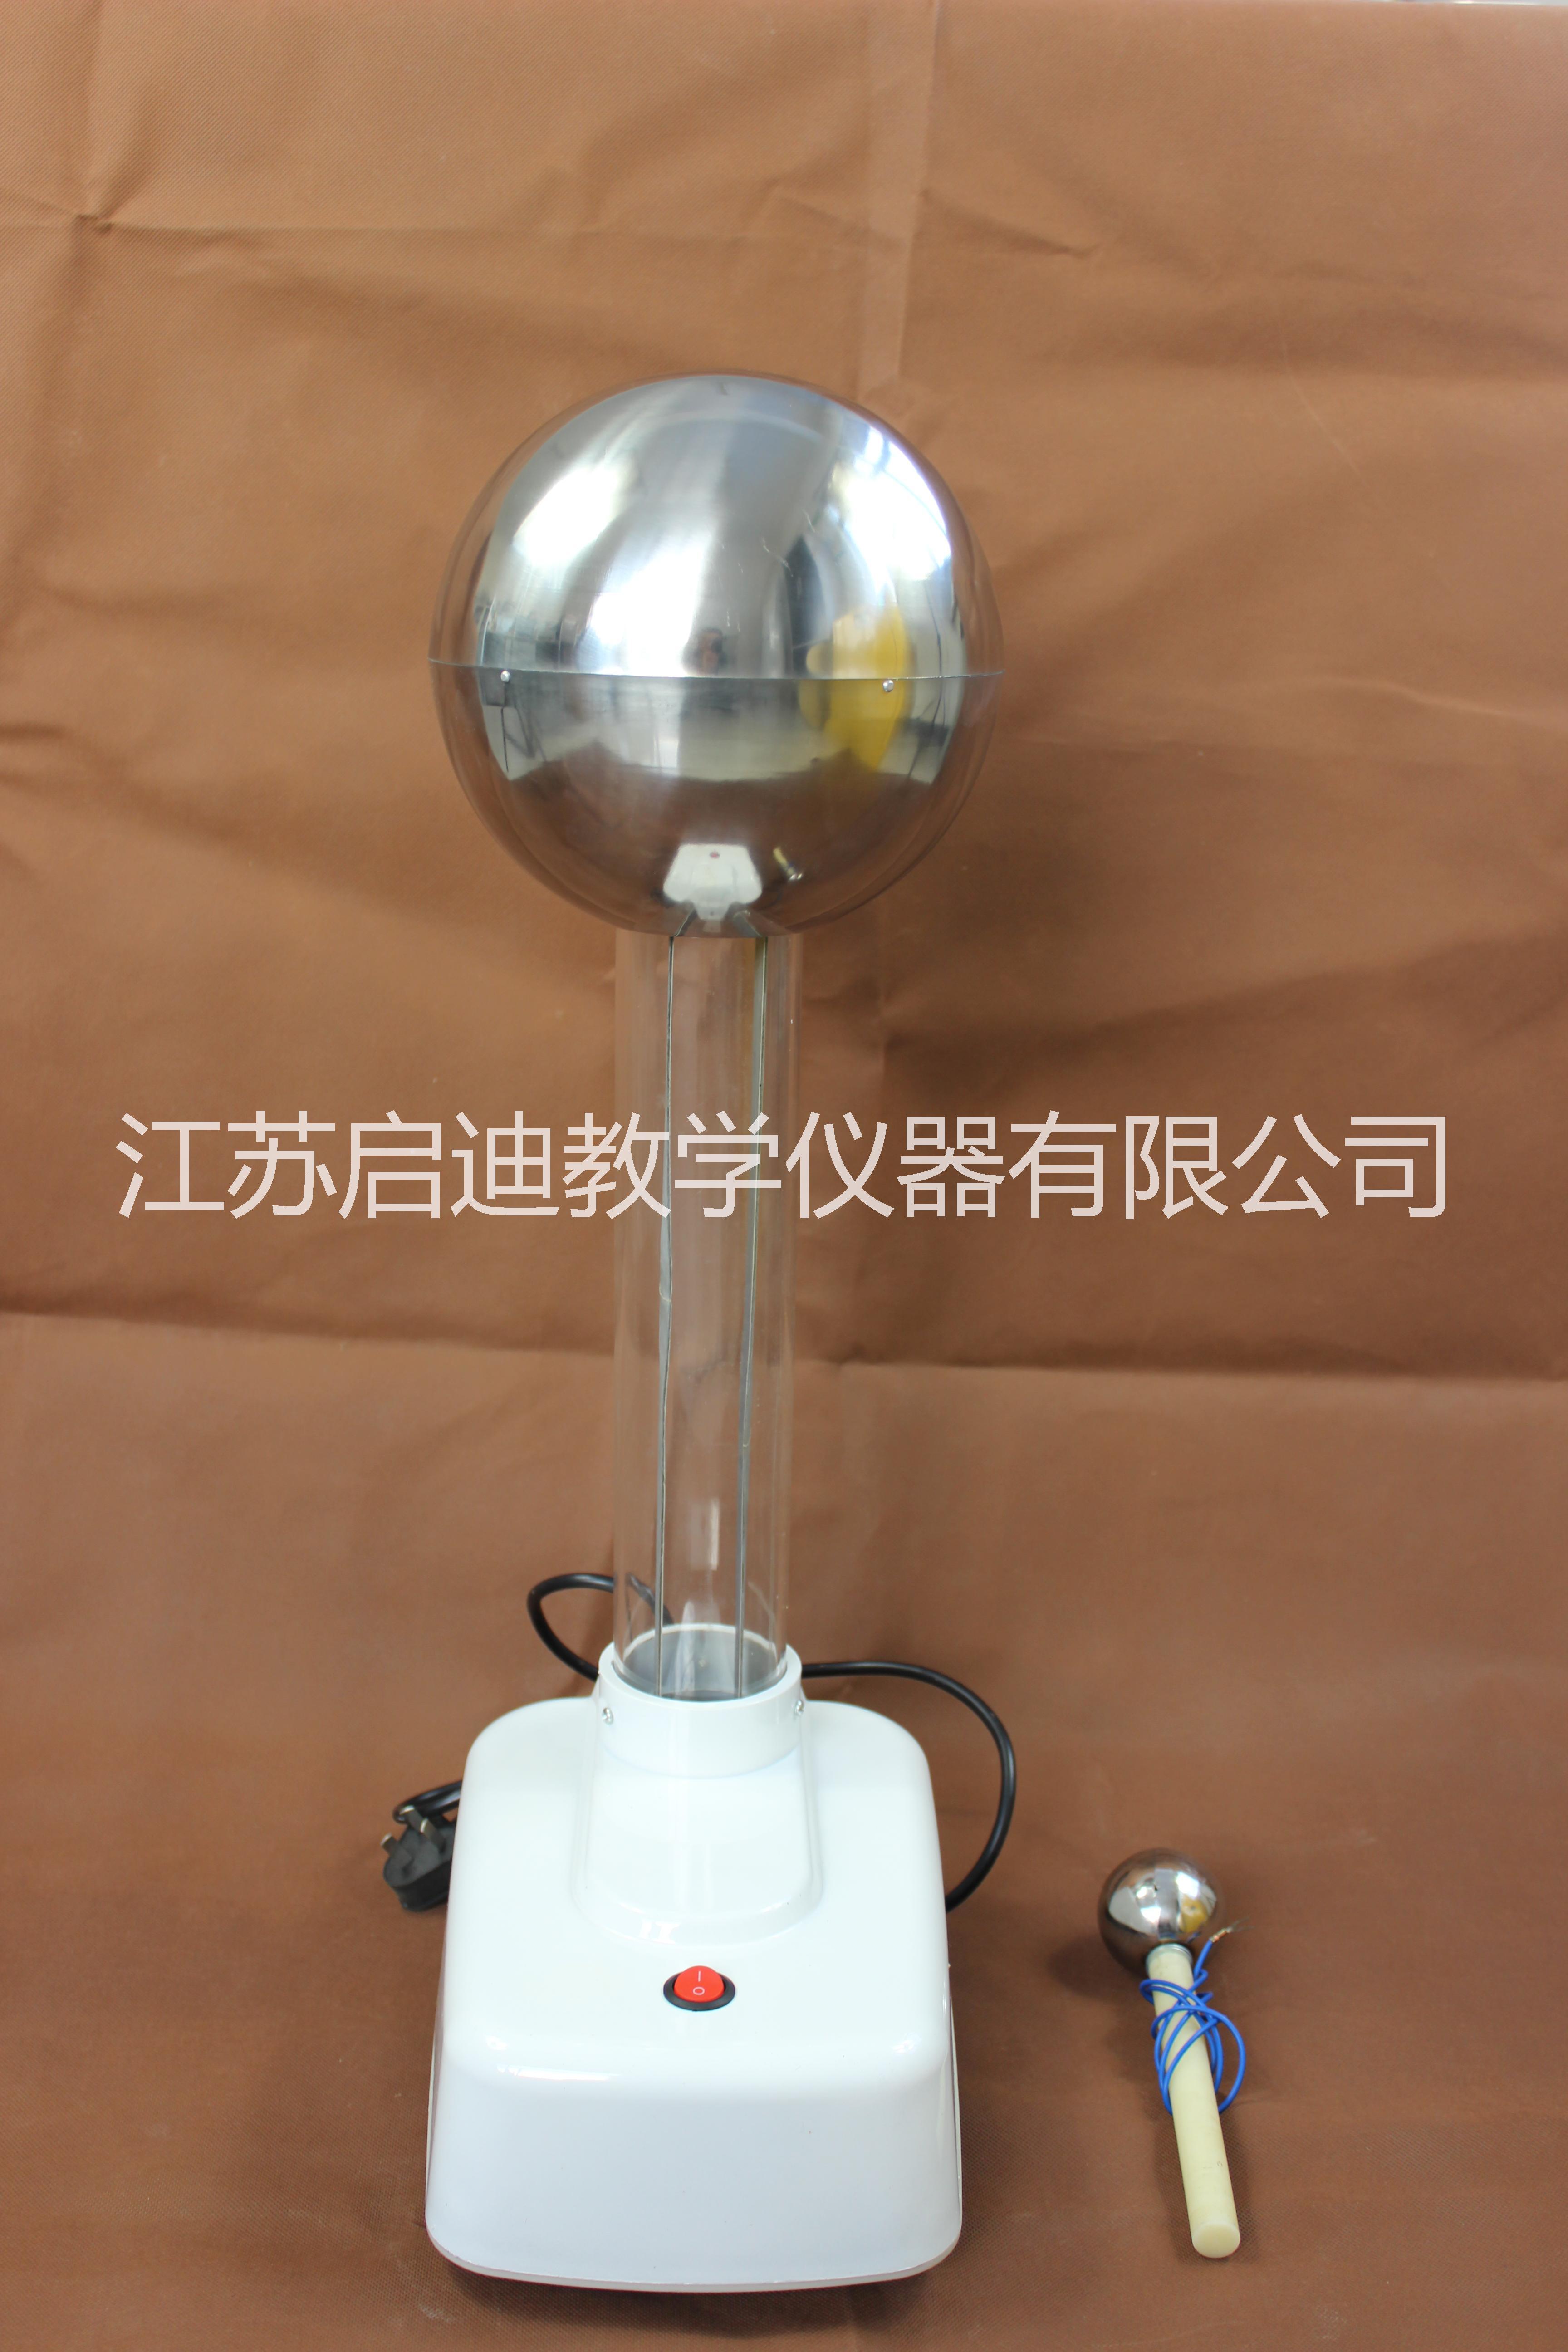 范式起电机演示教学仪器静电球实验器材韦氏起电机